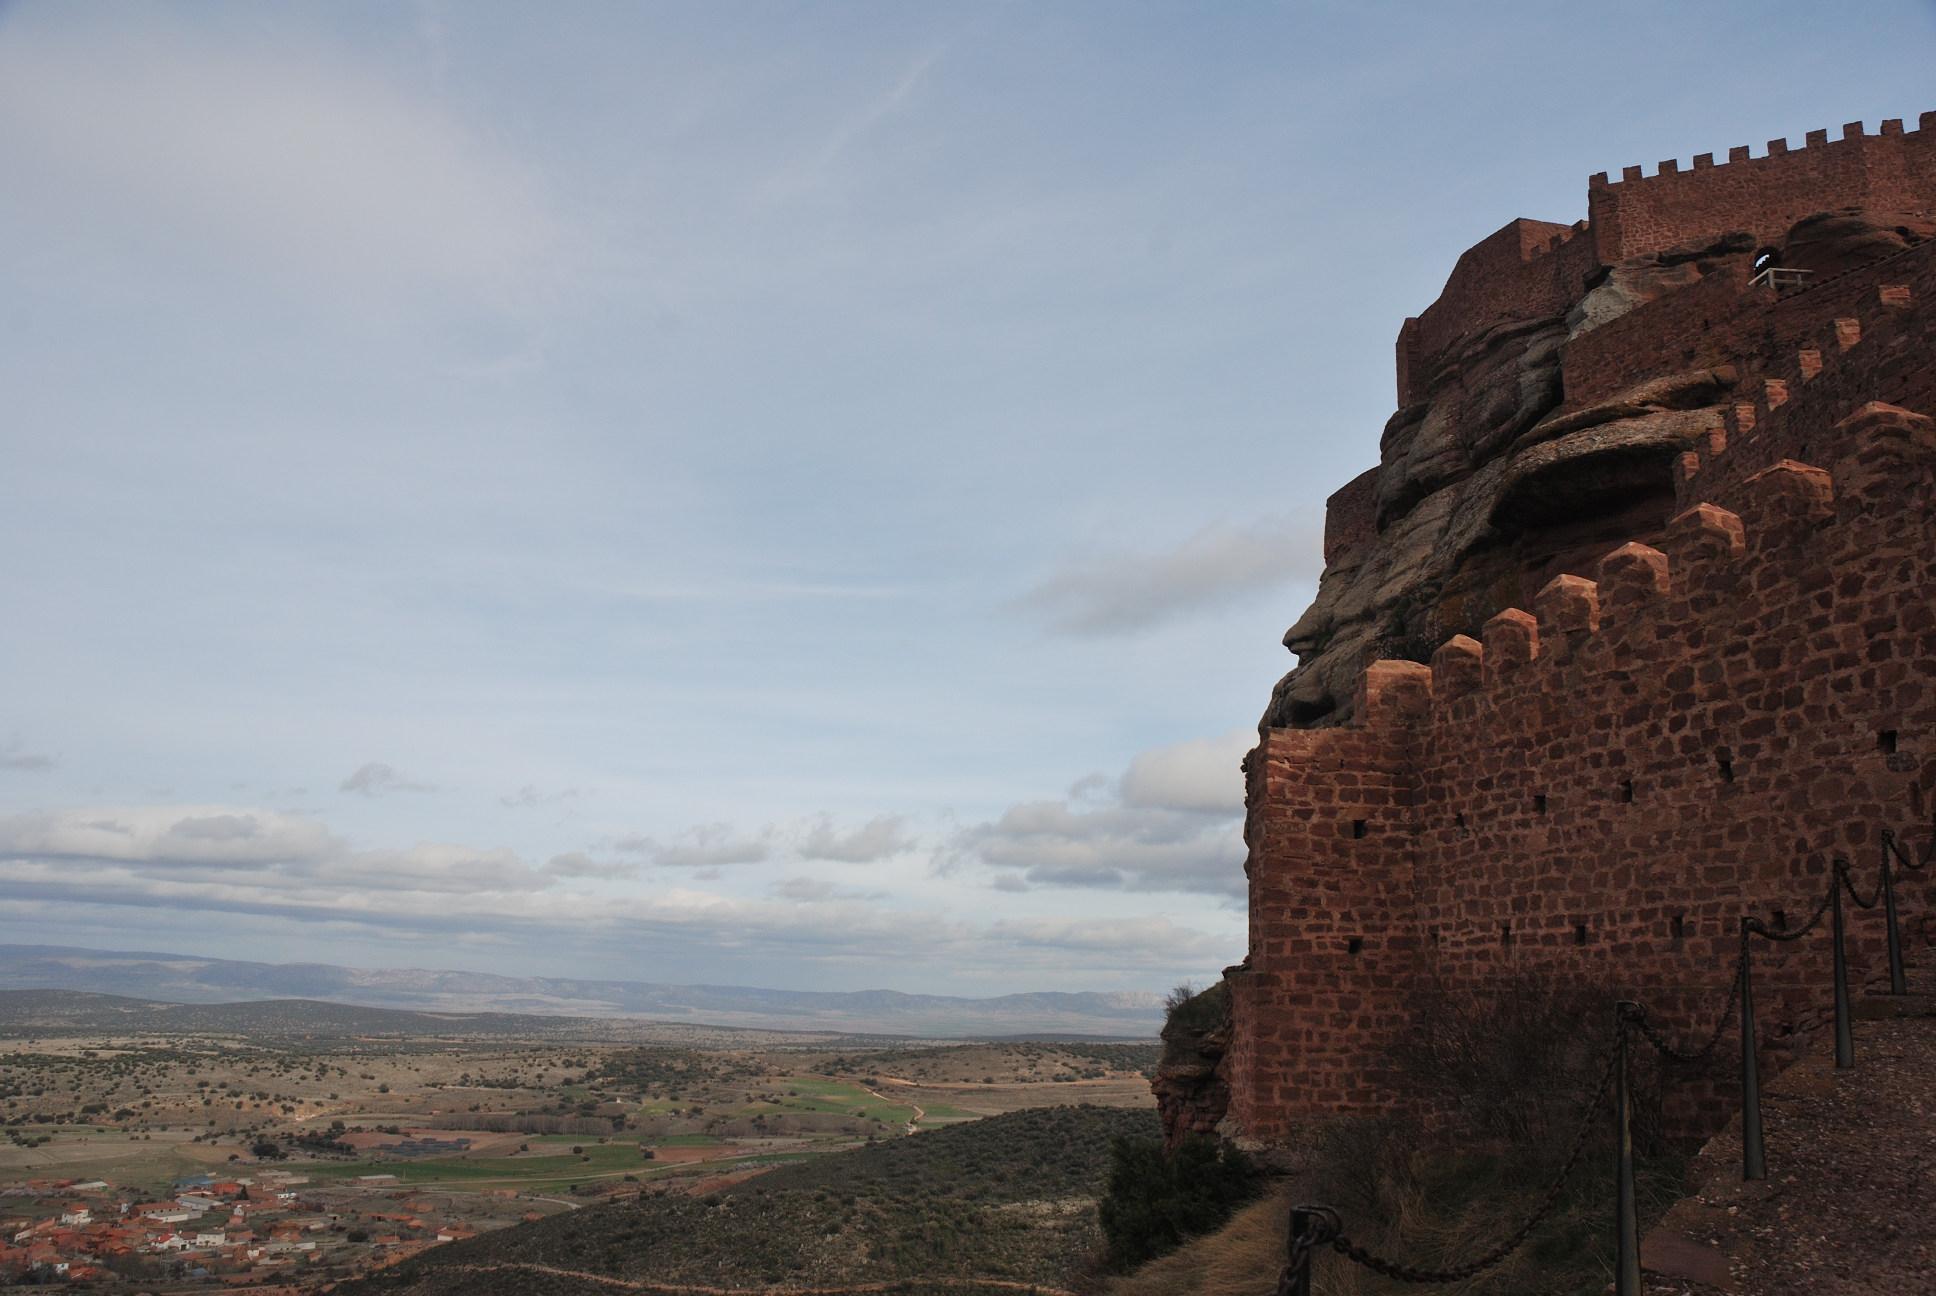 El castillo de Peracense:: Vista desde la puerta de acceso.